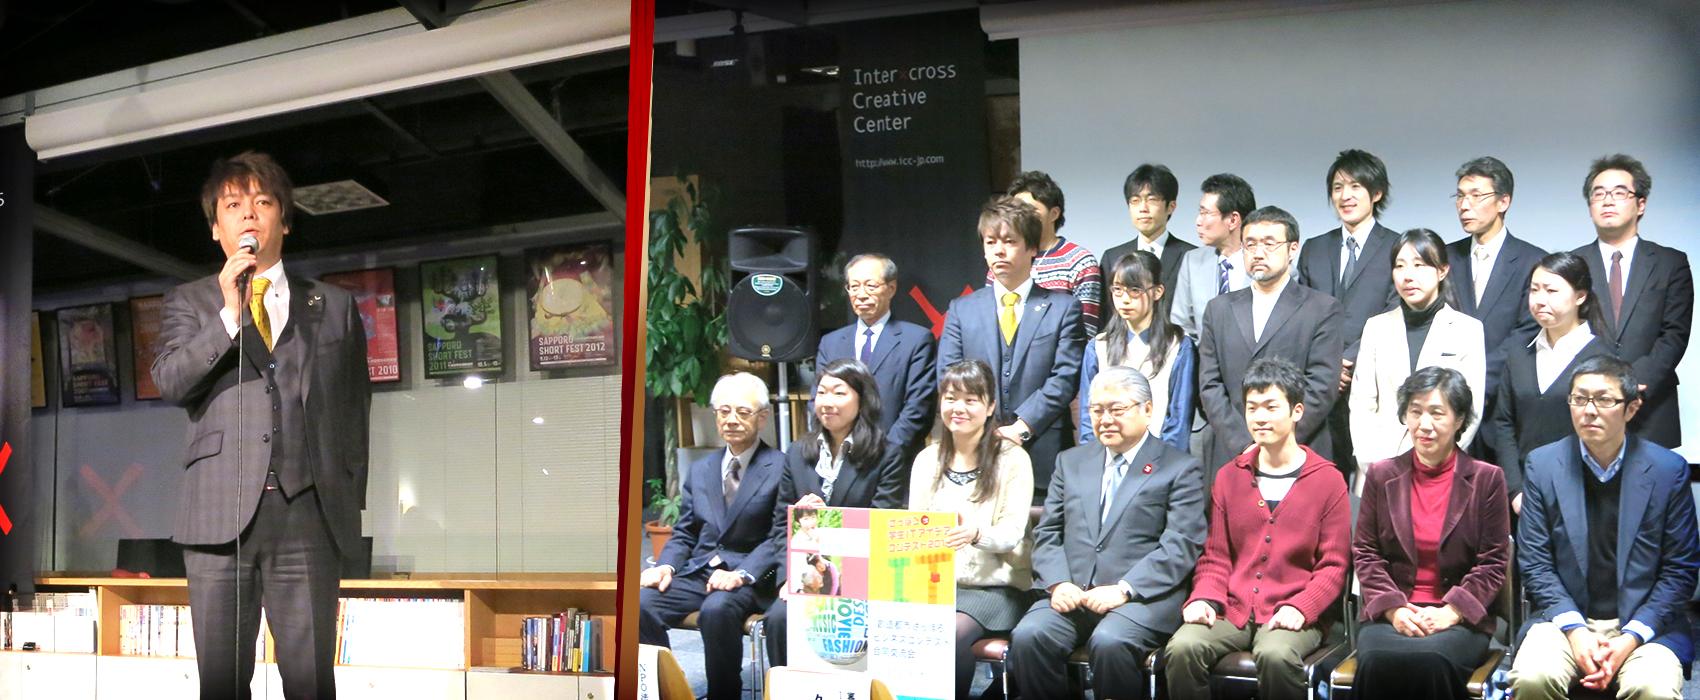 札幌市経済局主催健康サービス産業推進事業ビジネスコンテスト 優秀モデル賞